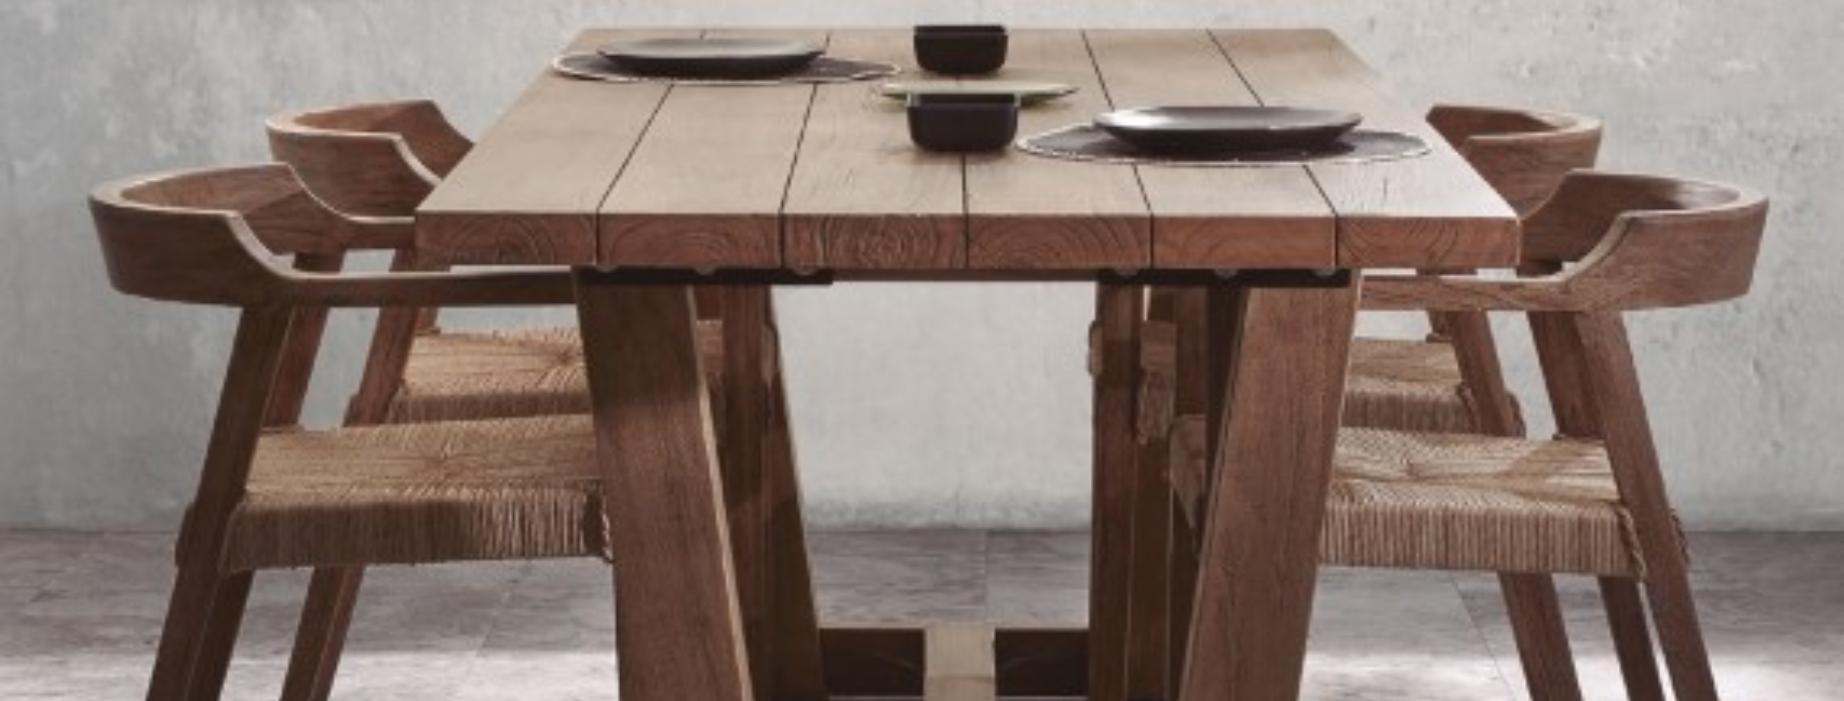 Los muebles que no pueden faltar este verano en tu terraza o jardín mesa